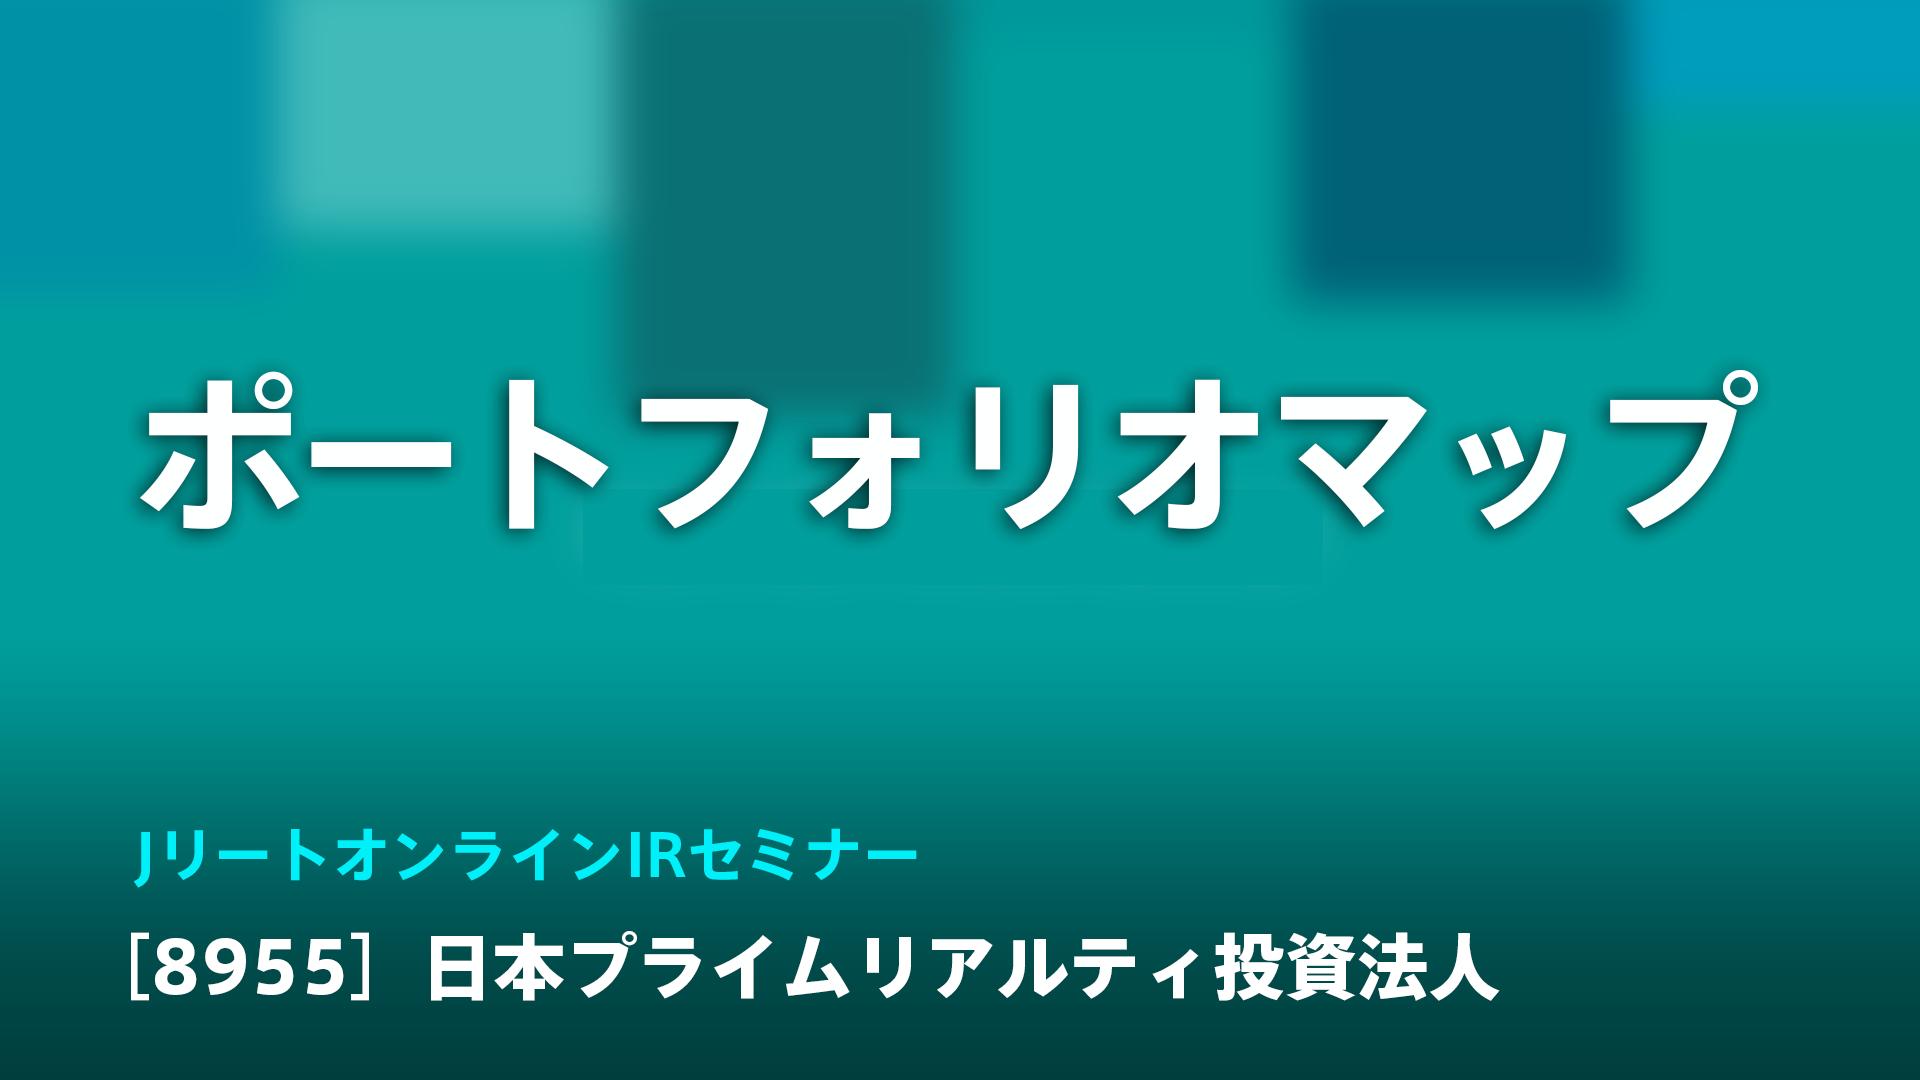 日本プライムリアルティ投資法人のスライダーサムネイル画像15